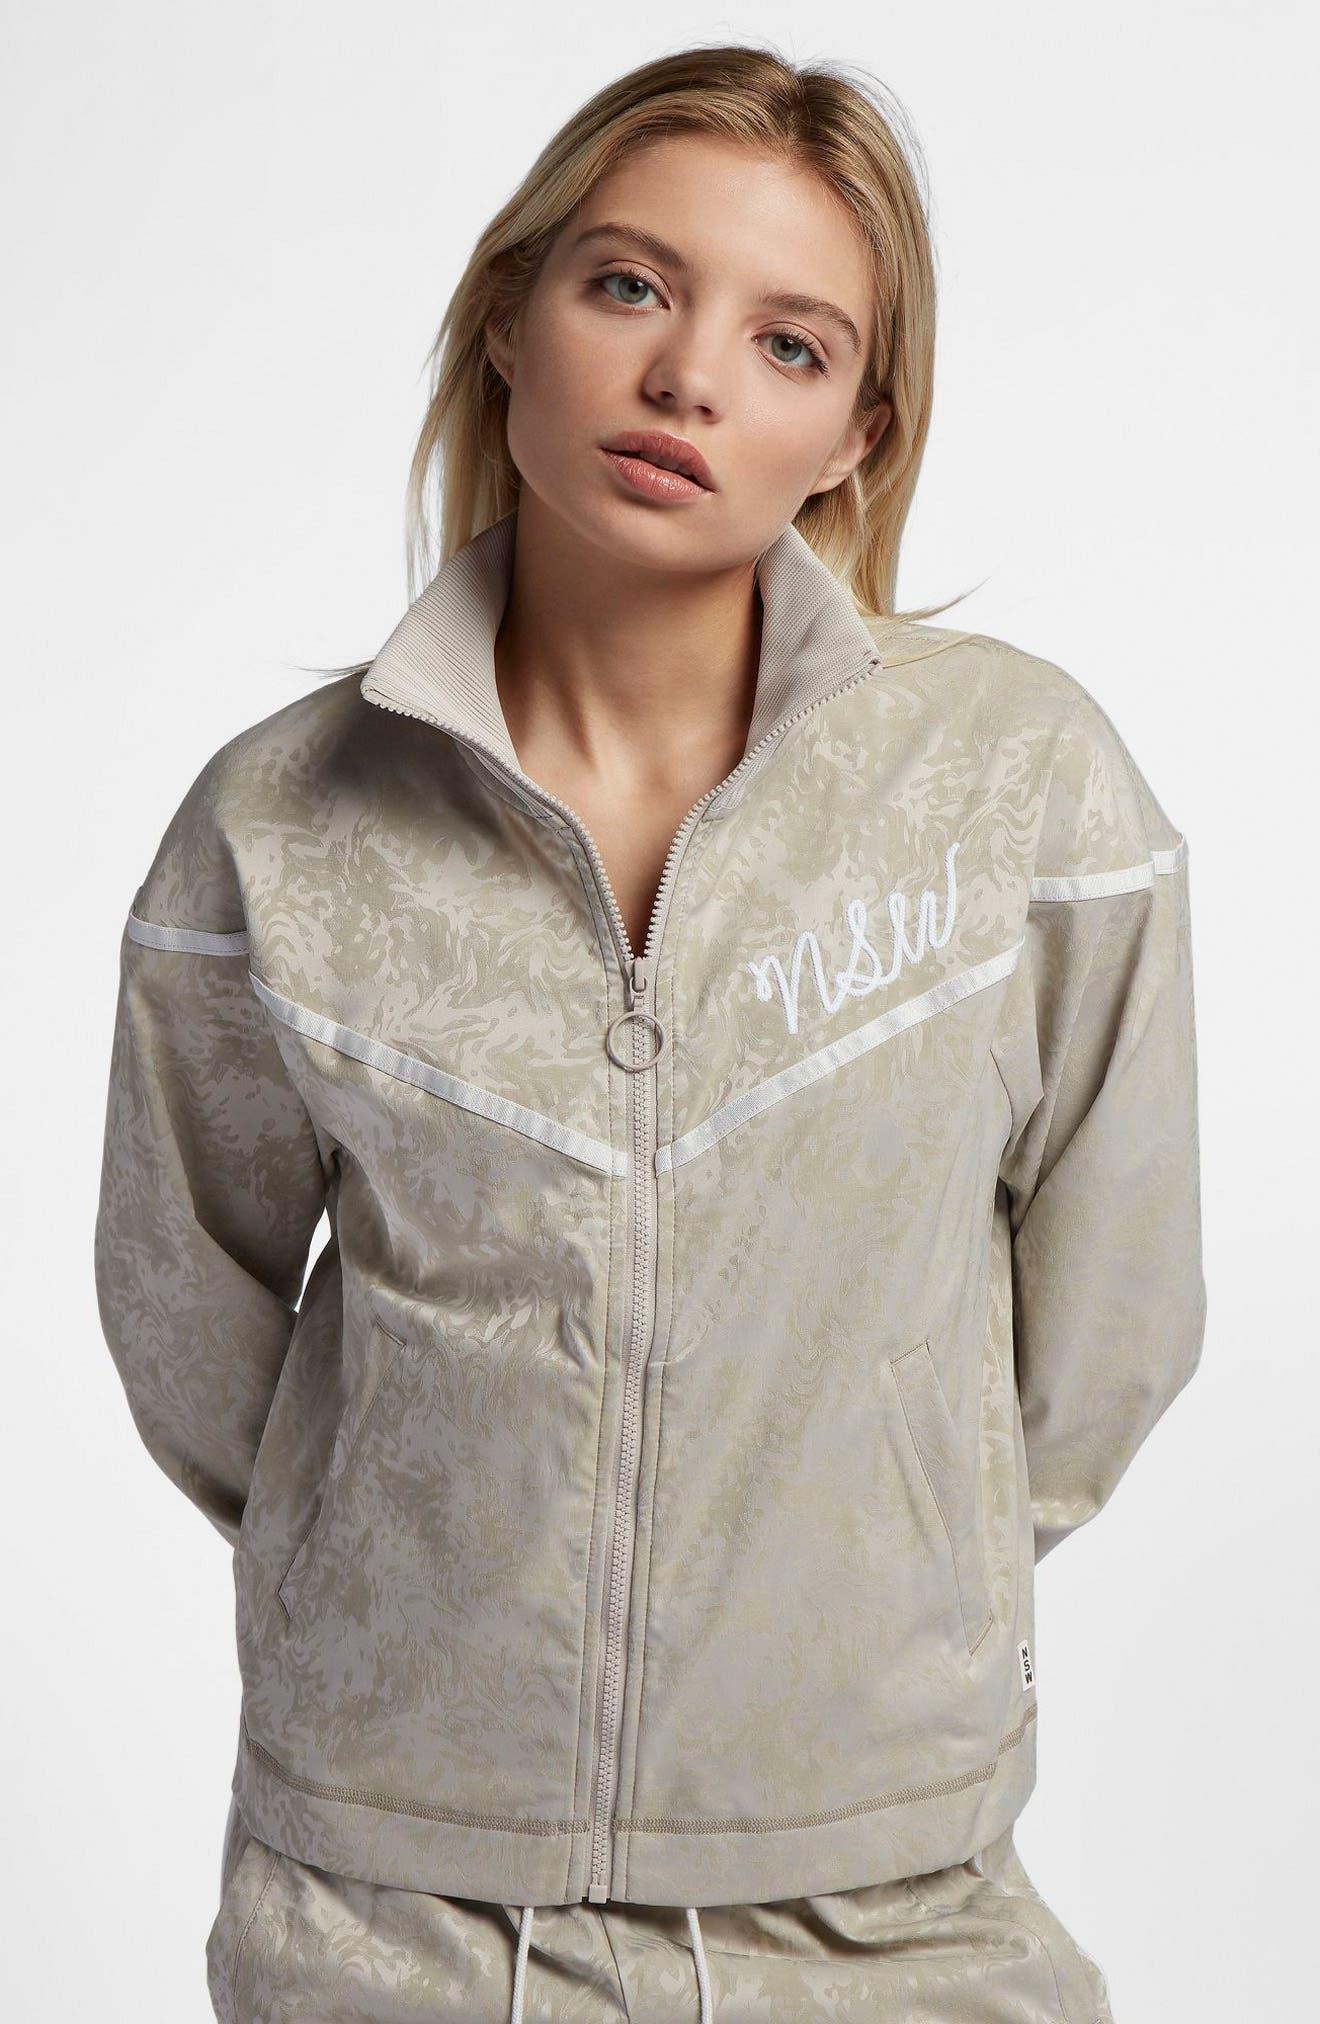 Sportswear NSW Women's Track Jacket,                             Alternate thumbnail 8, color,                             201